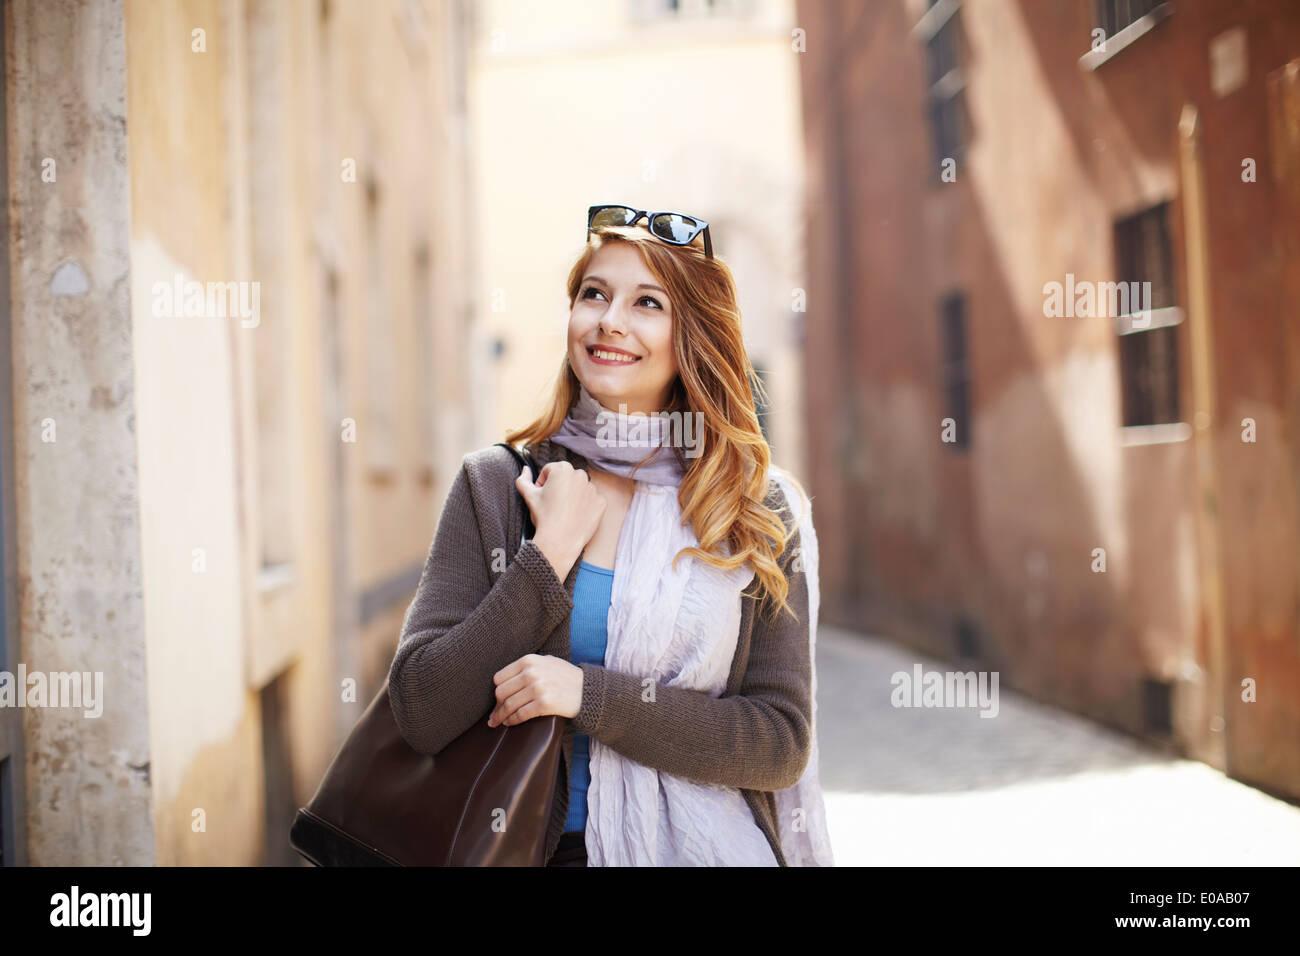 Junge anspruchsvolle Frau erkunden Sie Straßen, Rom, Italien Stockbild